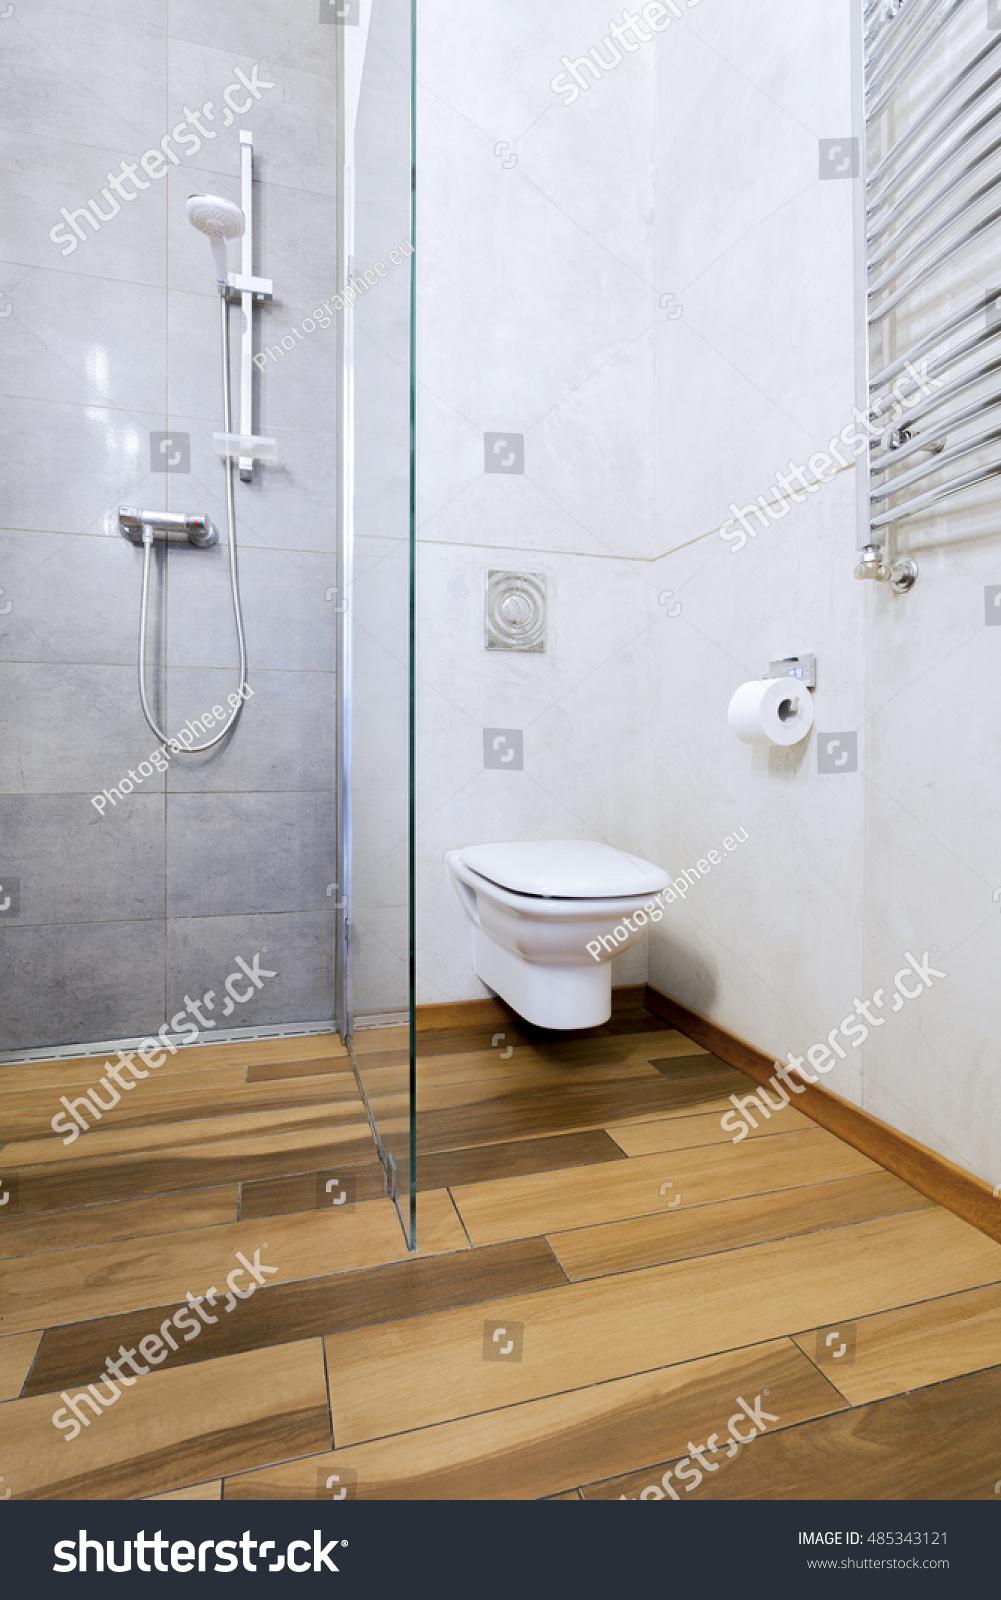 Bathroom Interior Modern Wooden Parquet White Stock Photo (Edit Now ...